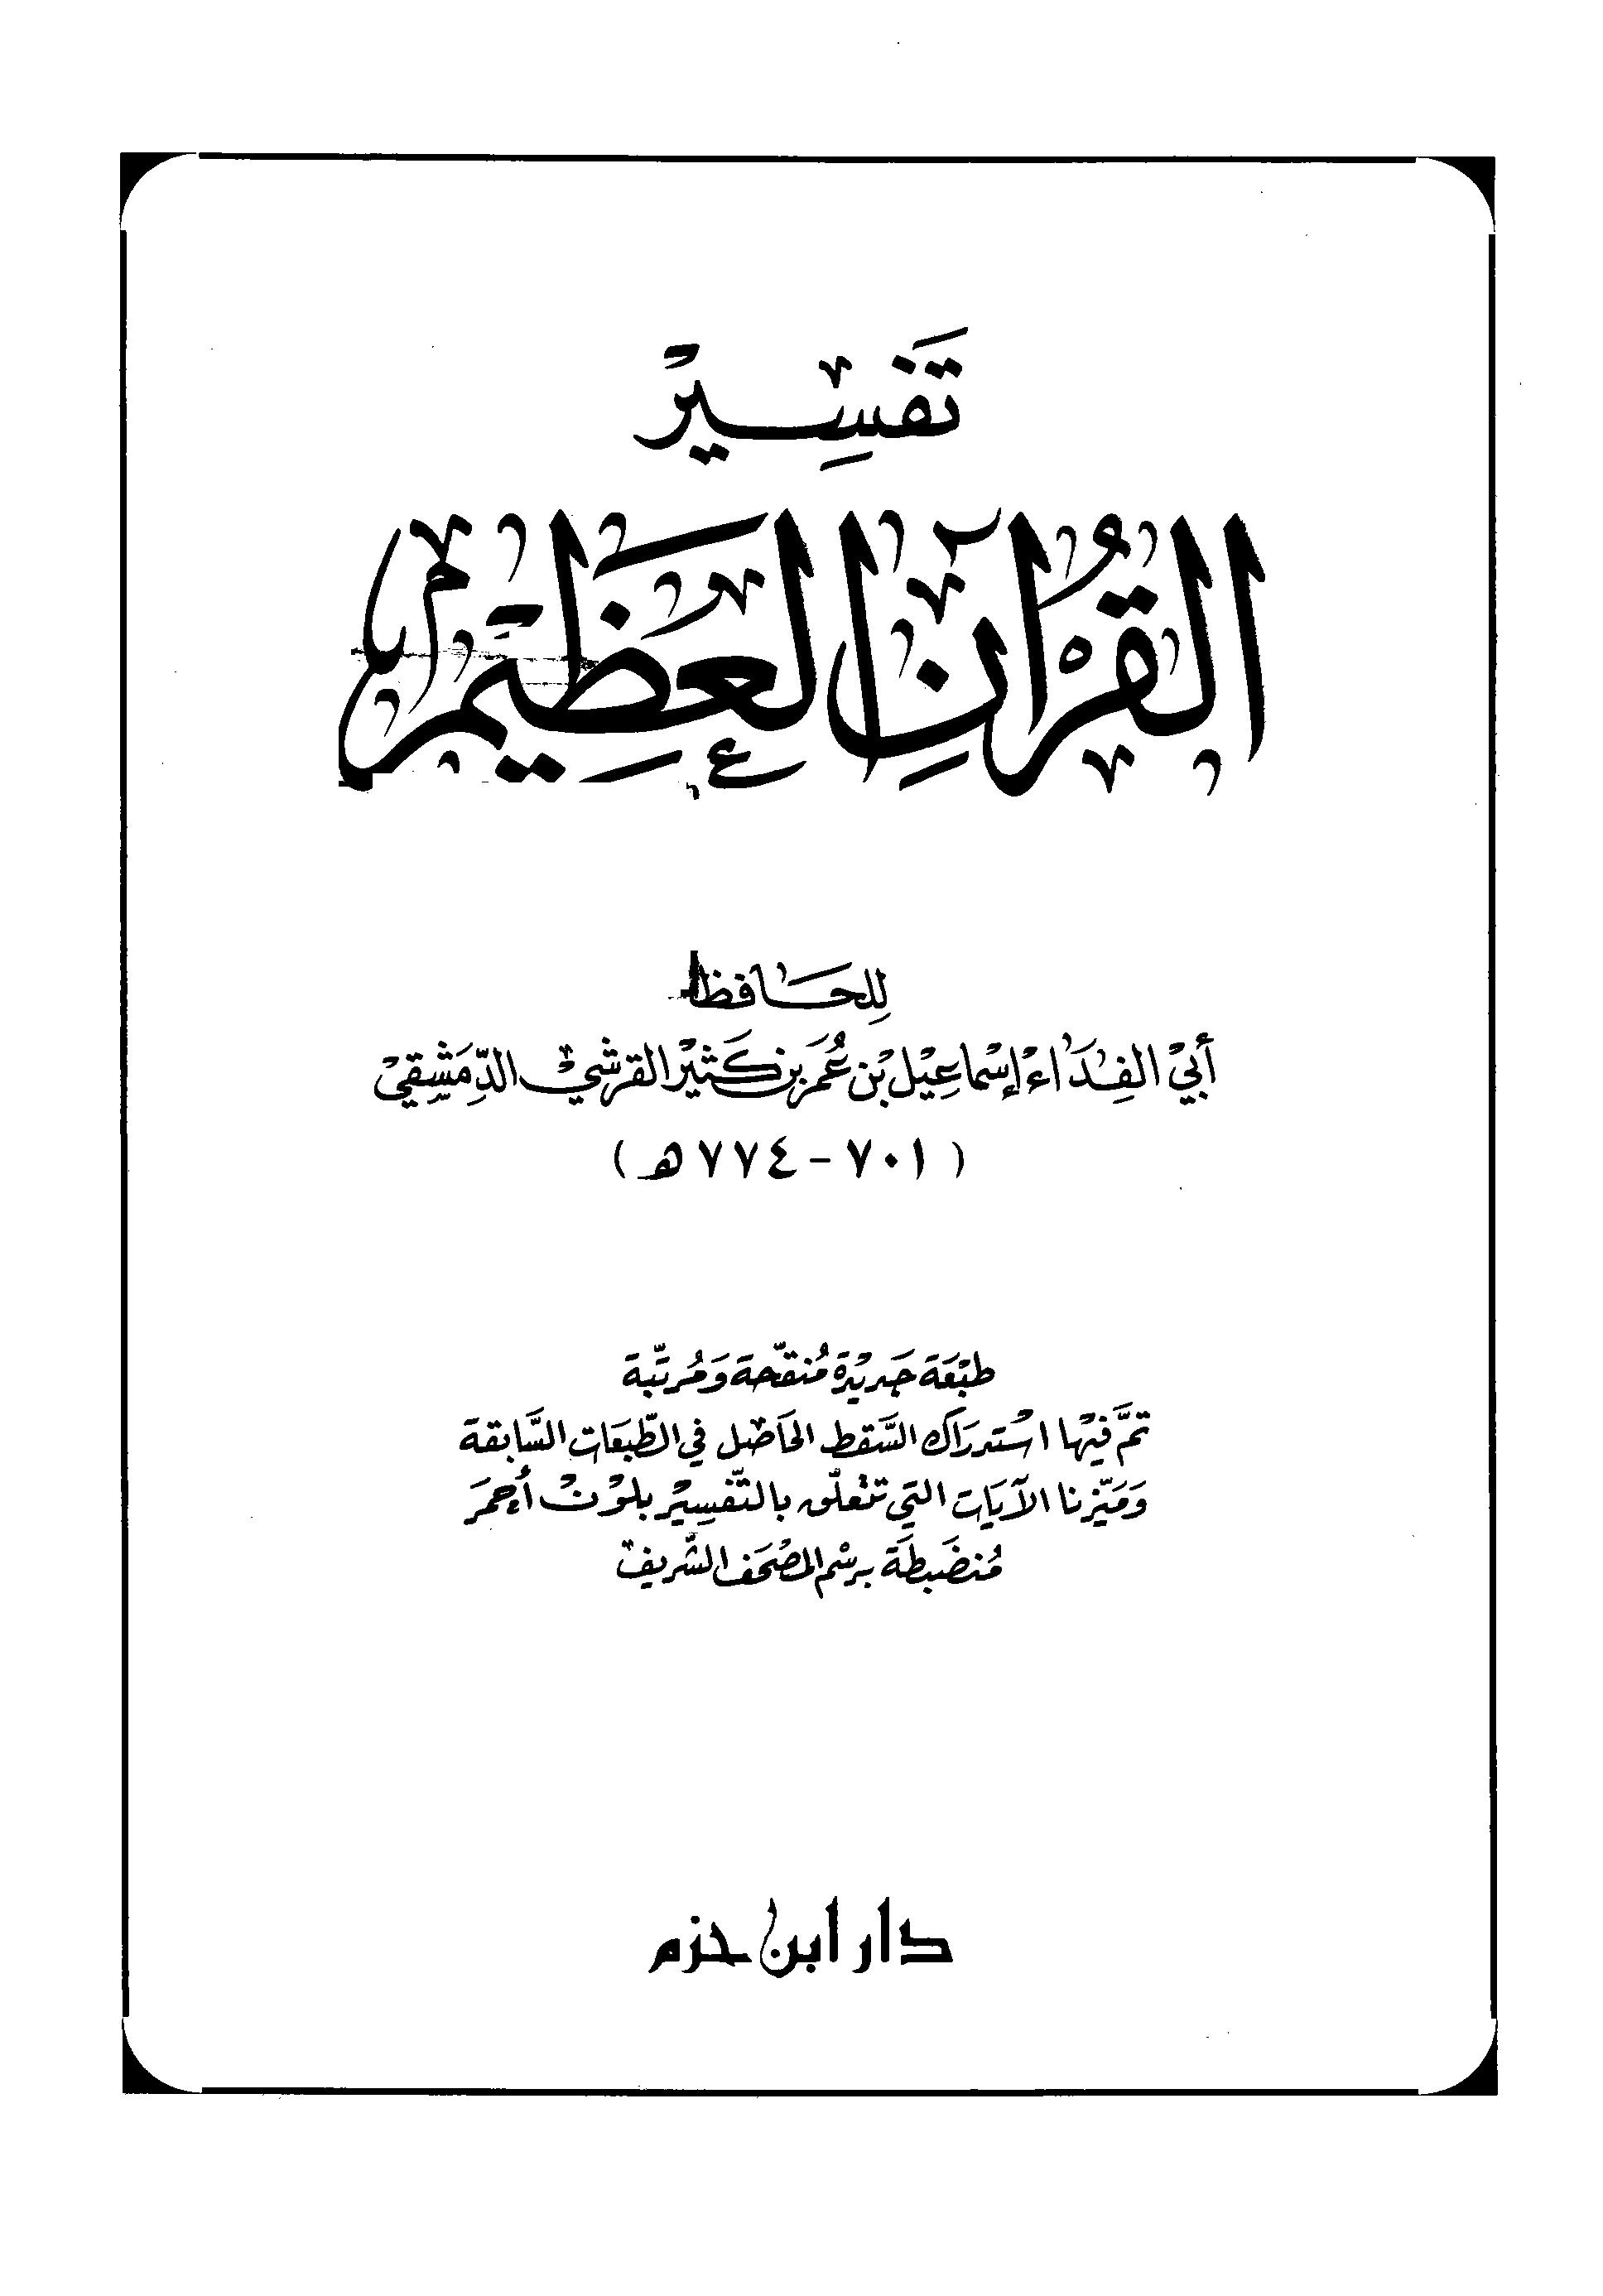 ابن کثير (اسماعيل ابن عمر ابن کثير، دمشقى شافعى) صاحب تفسير القرآن العظيم